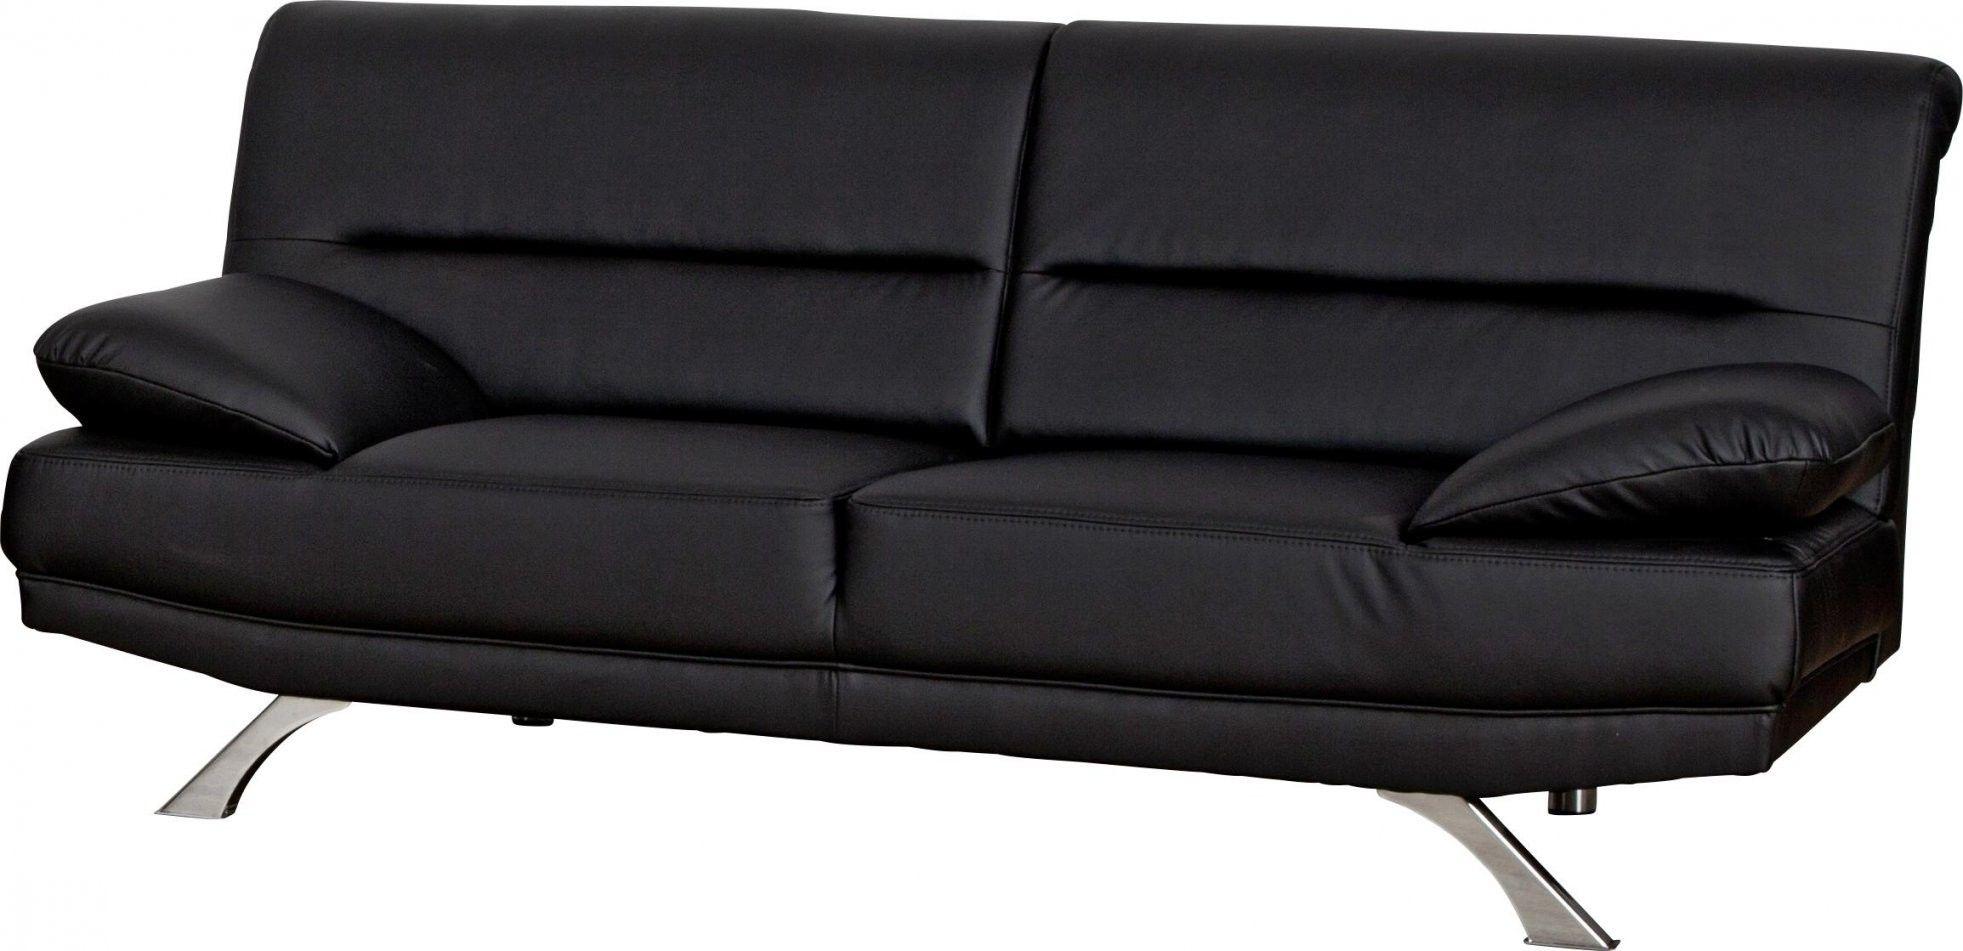 Polstergarnituren 2 25 Amp 3 Sitzersofas Gunstig Online Kaufen Poco Von Sofa 2 Sitzer Billig Bild In 2020 Sofa Billig Moderne Couch Graues Sofa